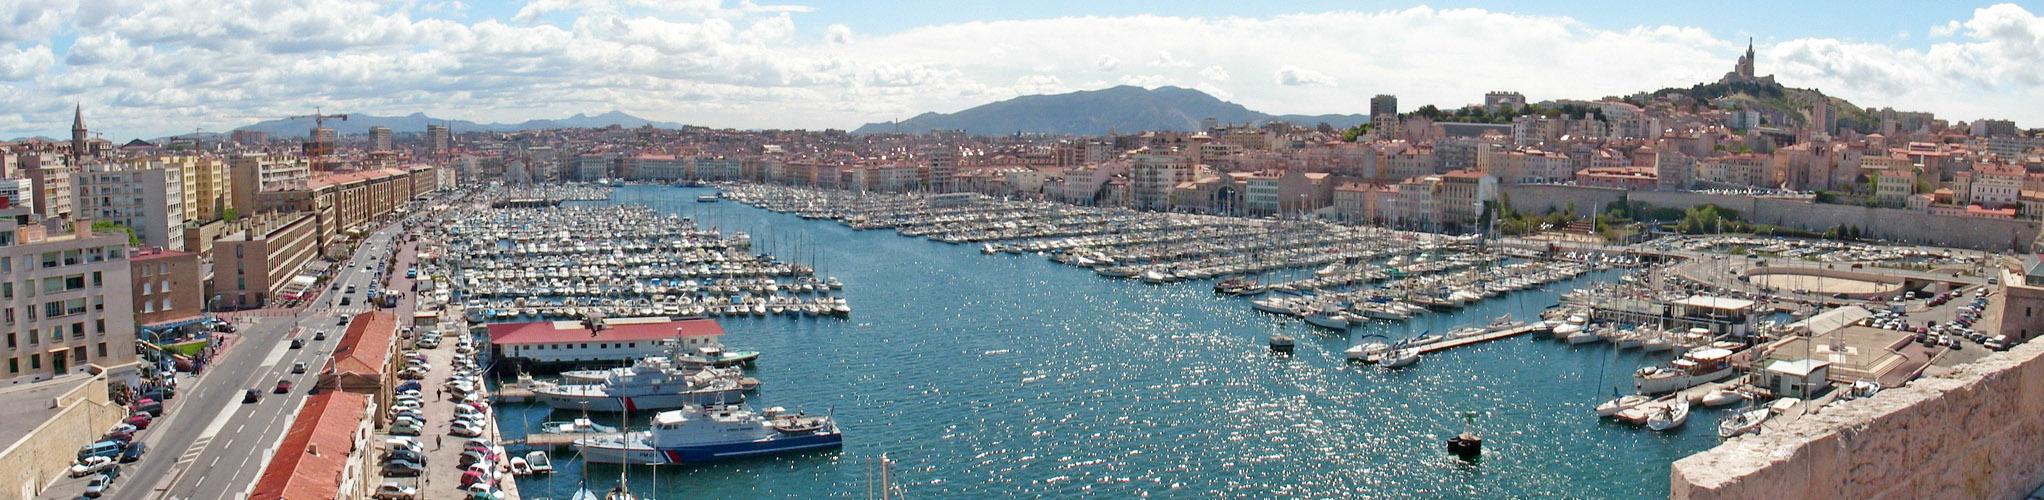 vieux_port_panorama__061809400_1437_23102011